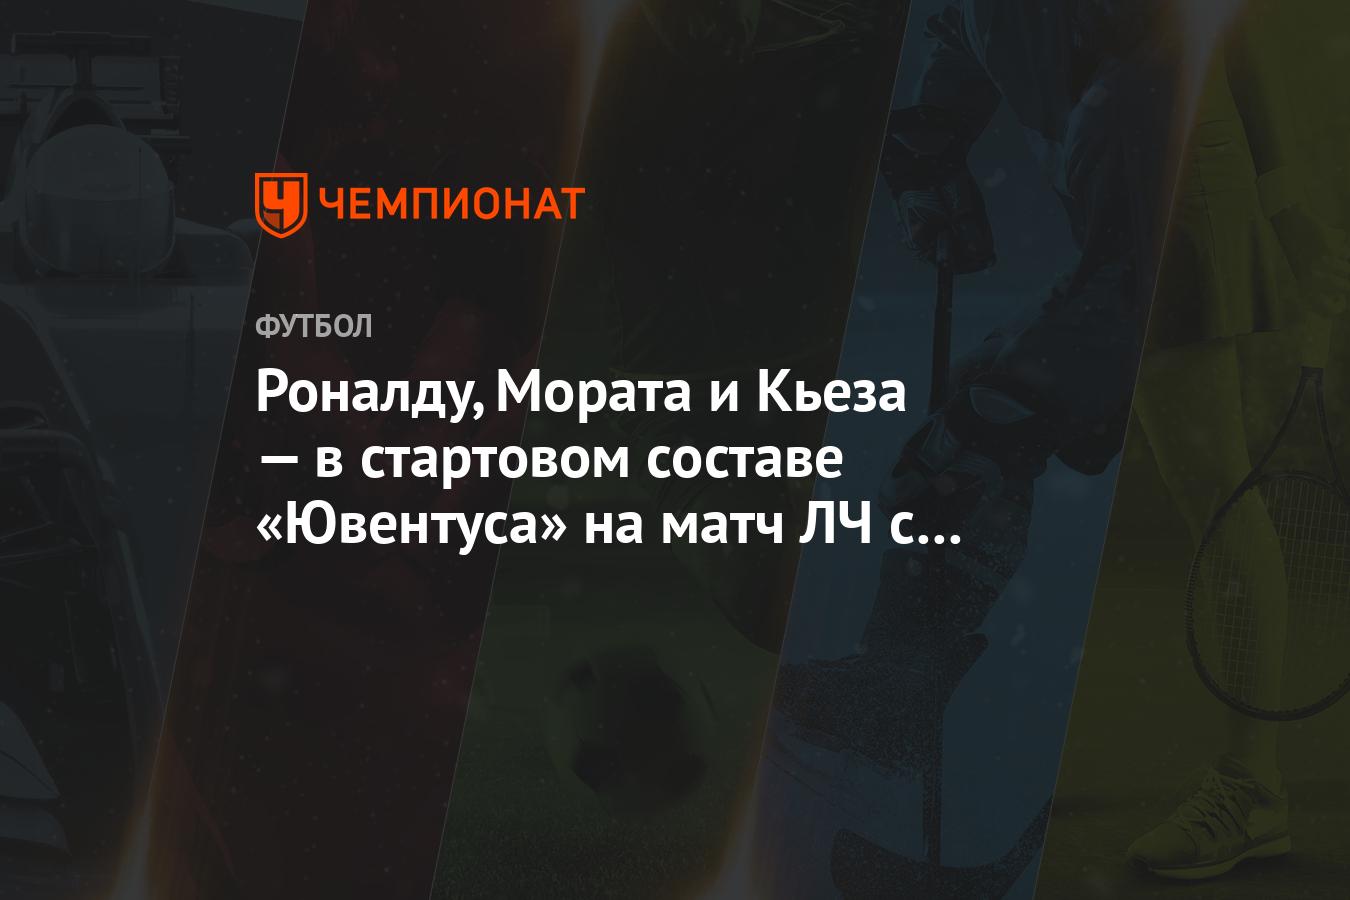 Ronaldu Morata I Keza V Startovom Sostave Yuventusa Na Match Lch S Ferencvaroshem Chempionat